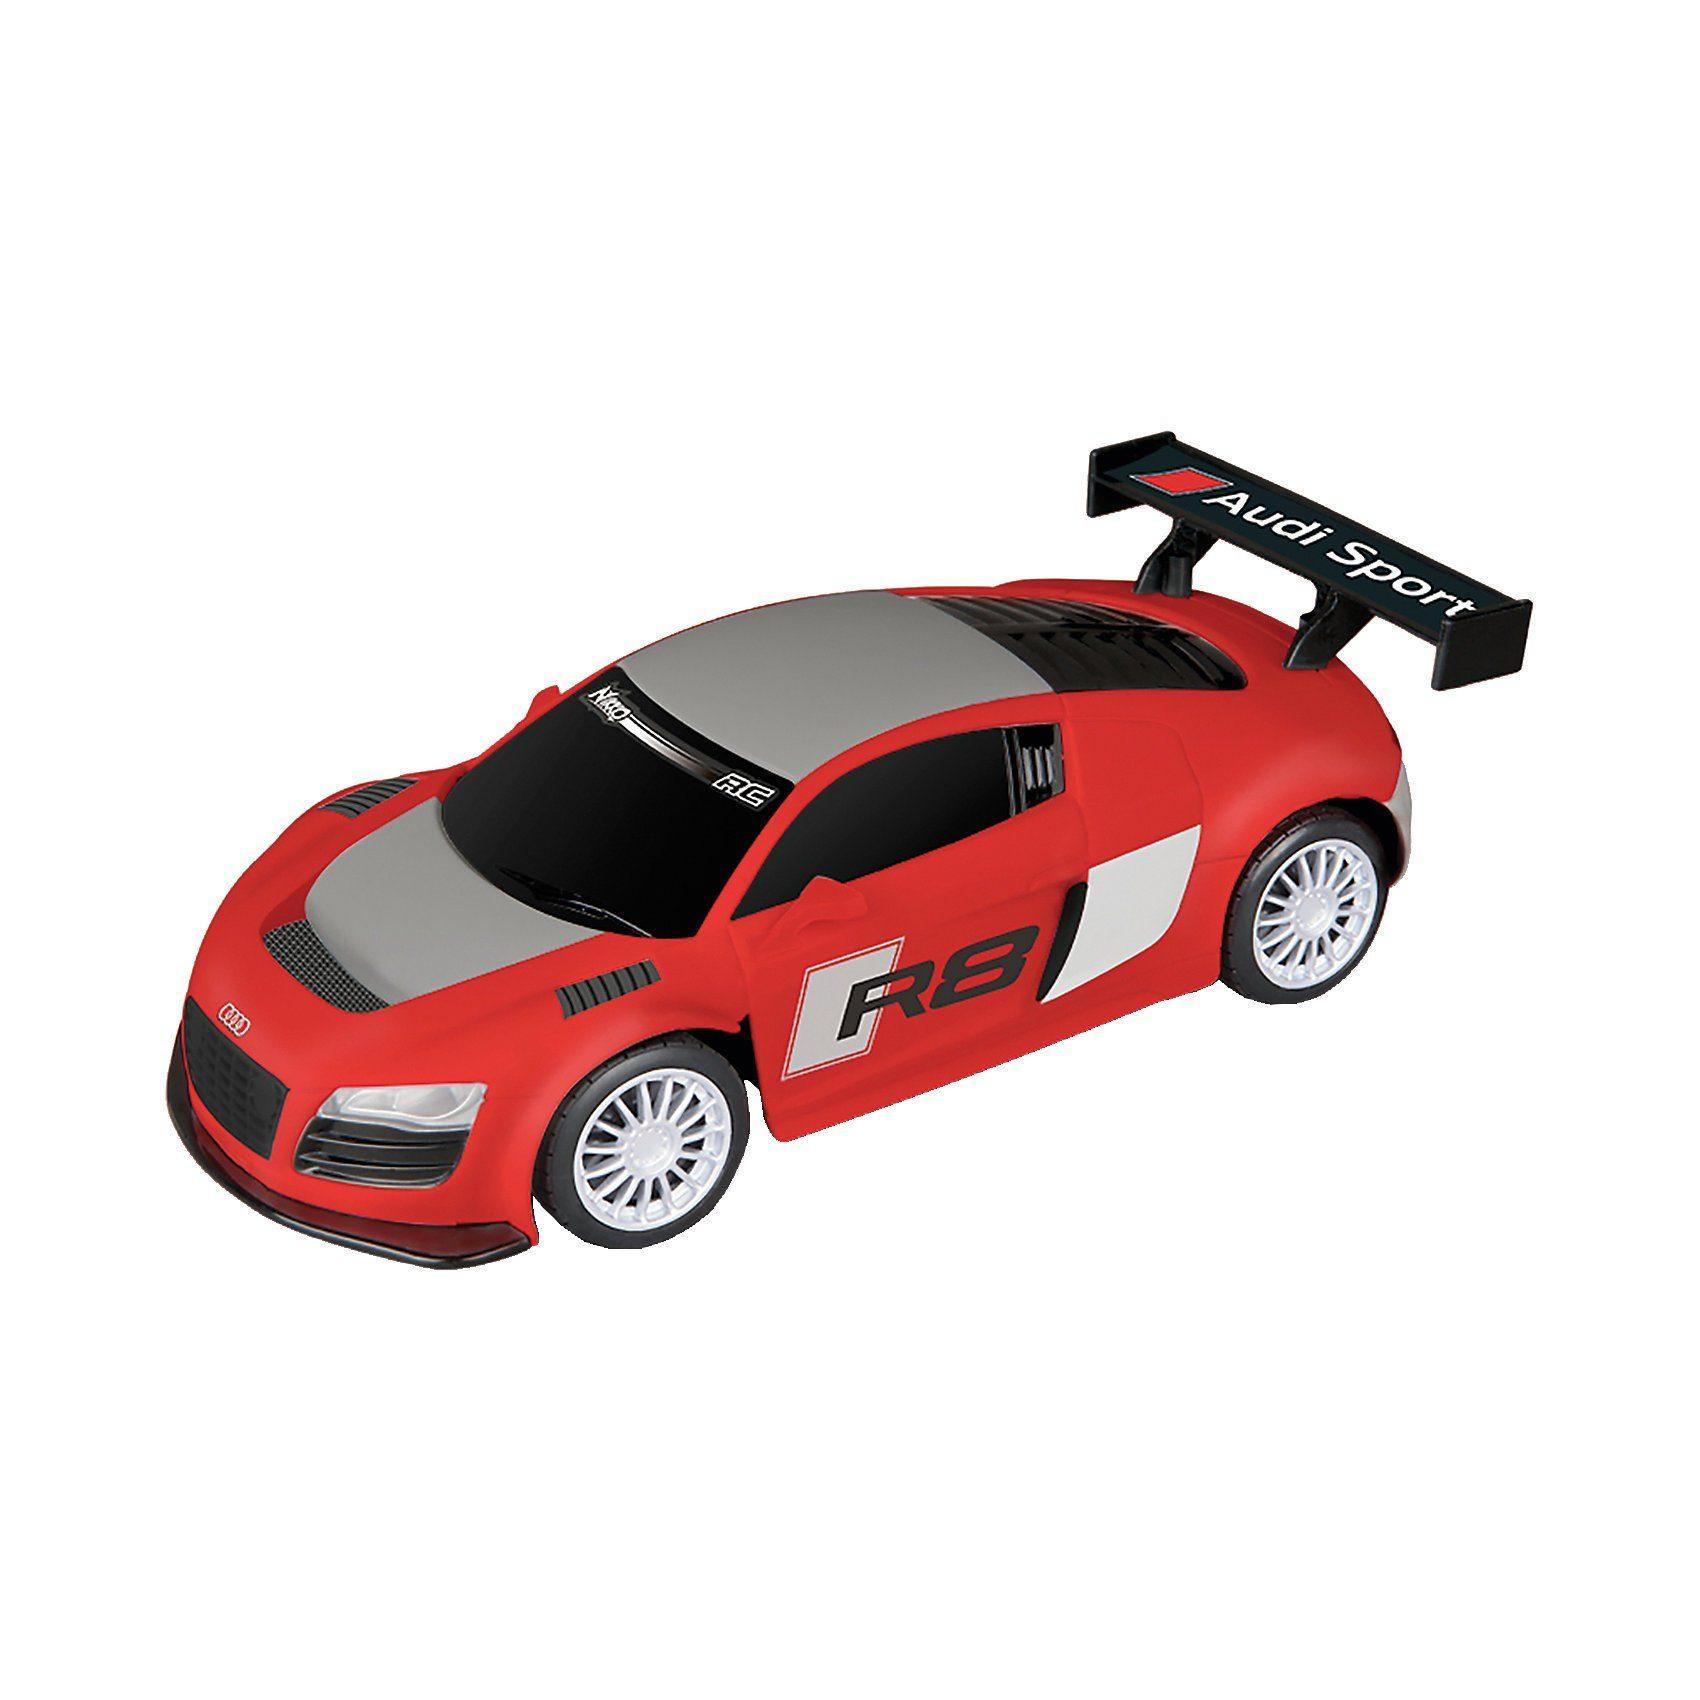 Nikko RC Fahrzeug Street Cars Series Audi R8 LMS Ultra, 1:20